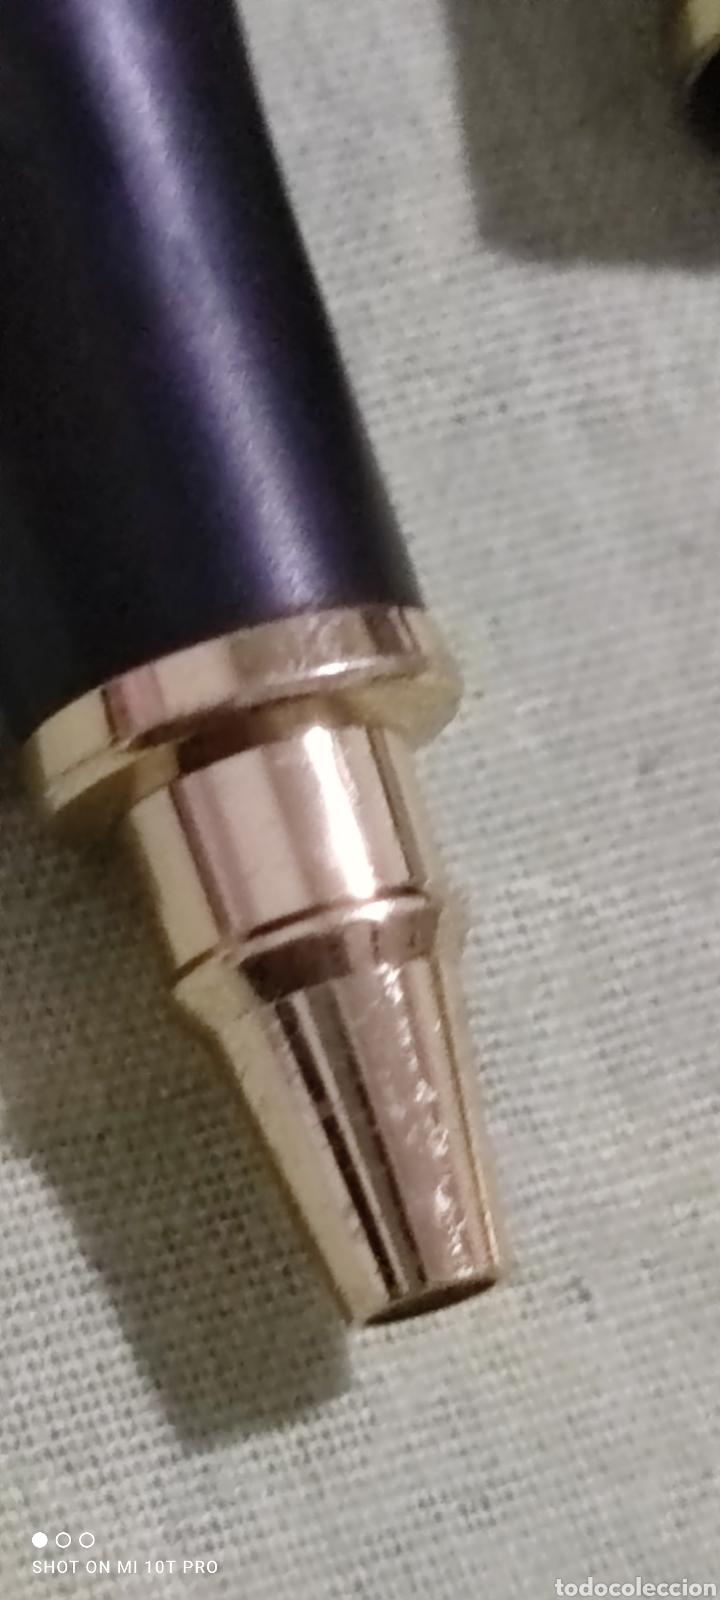 Bolígrafos antiguos: Bolígrafo tombow - Foto 7 - 293661333